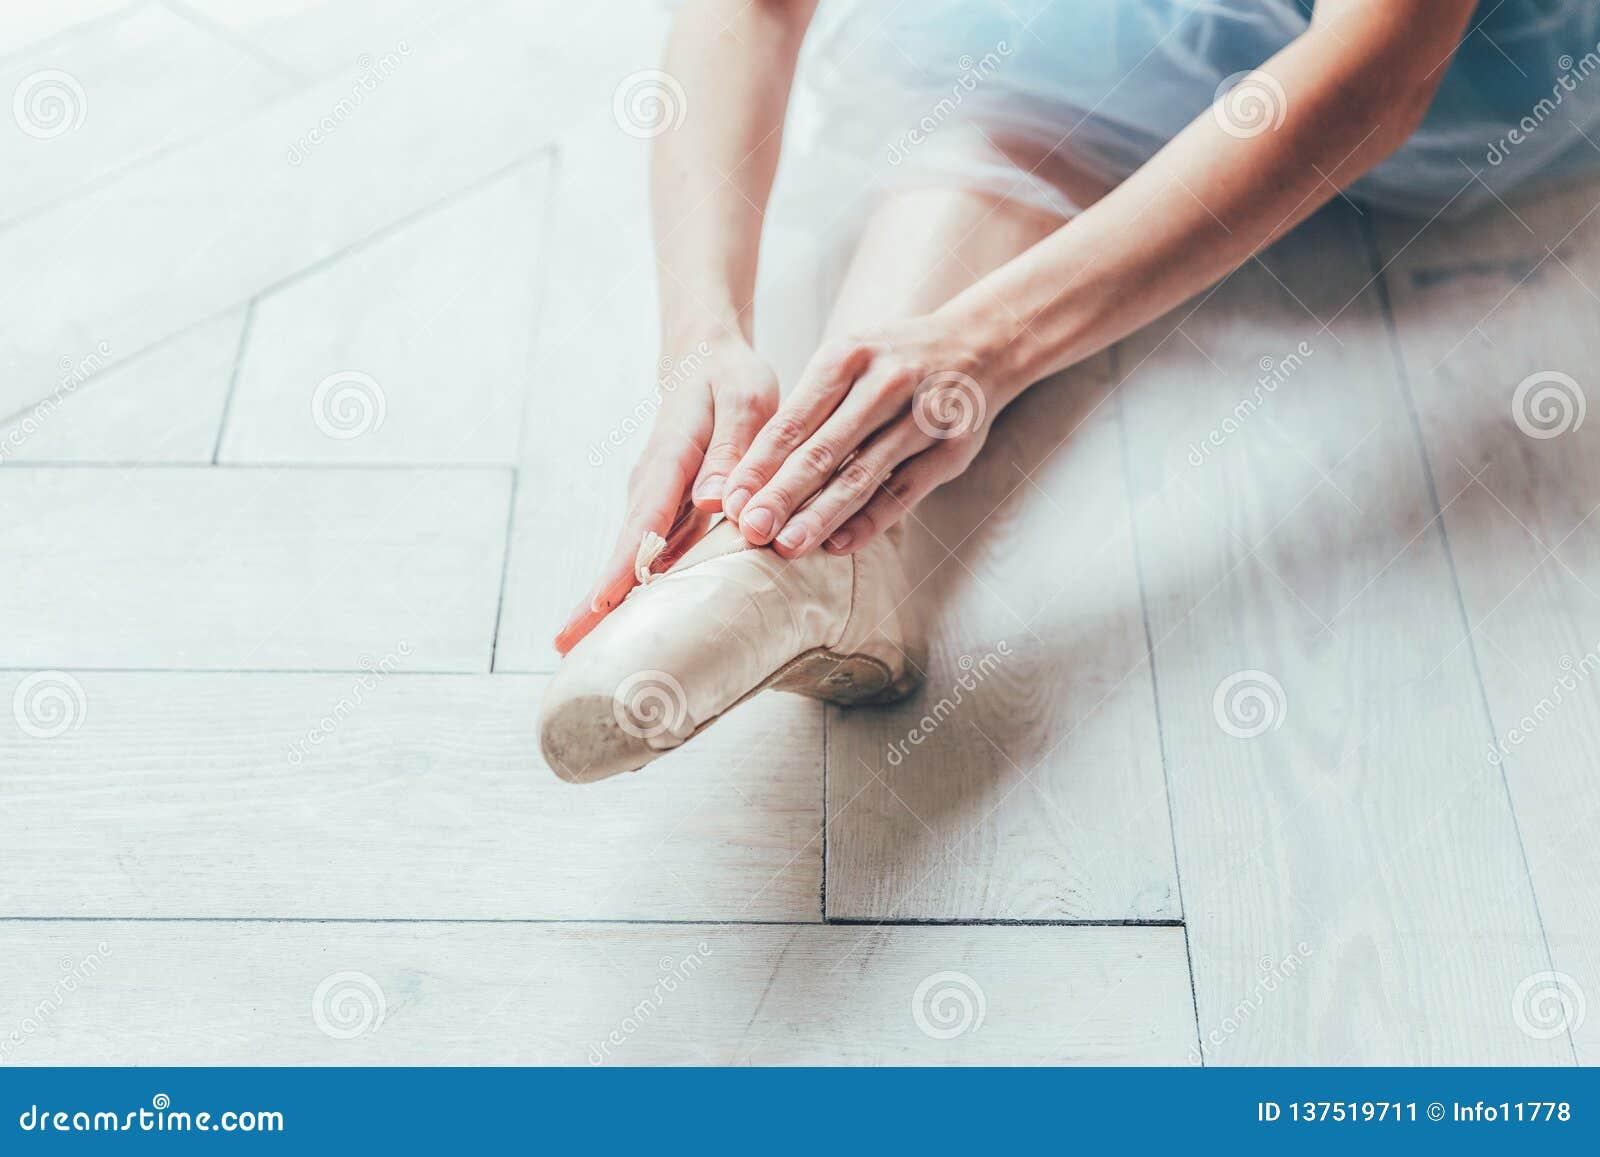 As mãos da bailarina põem sapatas do pointe sobre o pé na classe de dança